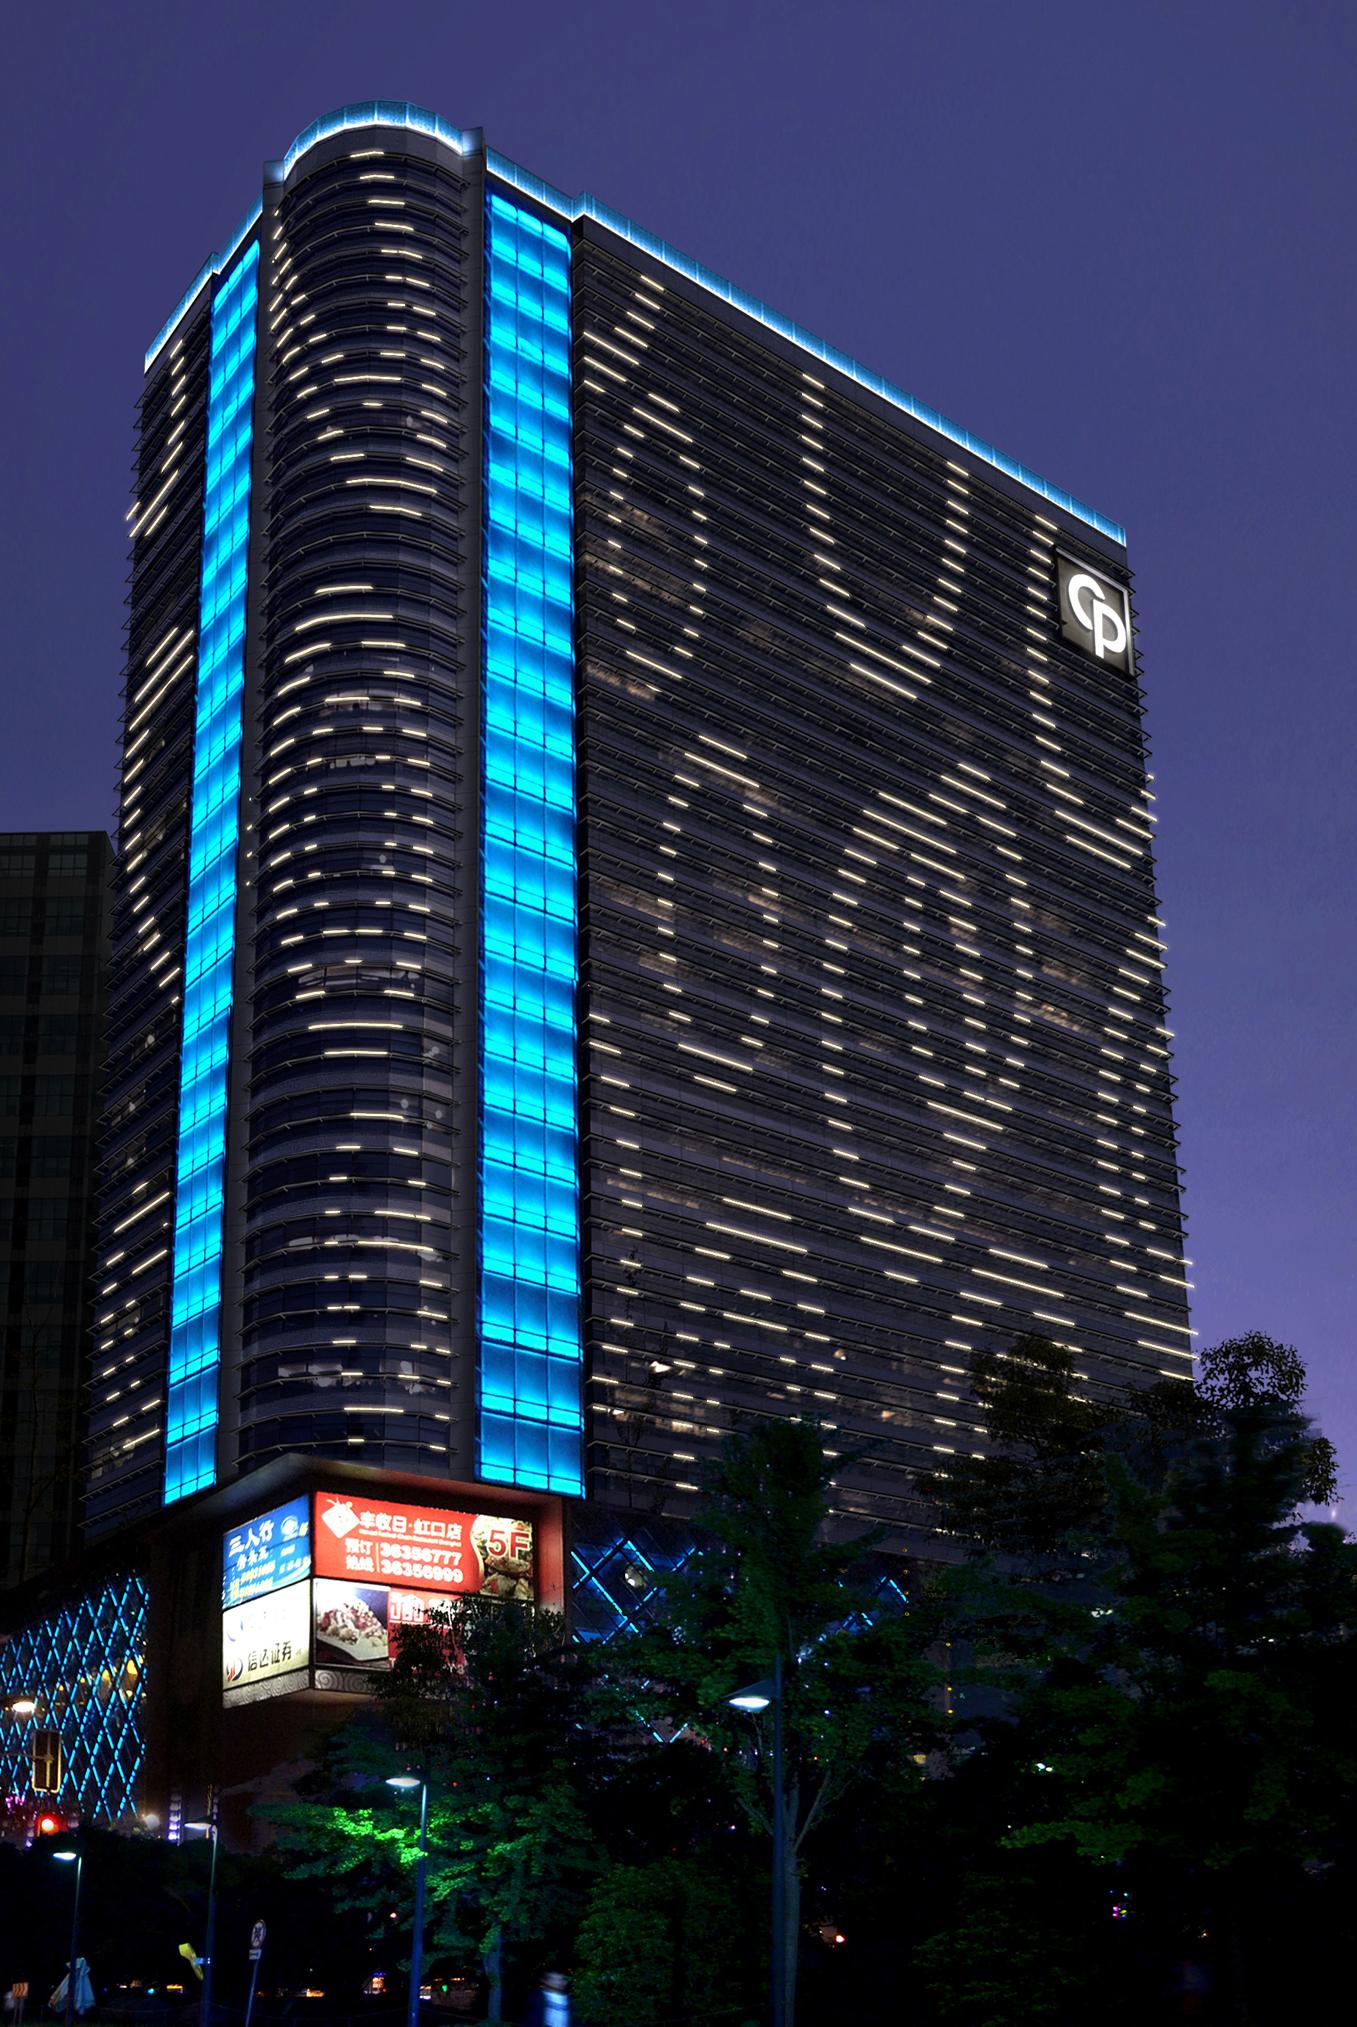 盛邦国际大厦景观灯光设计